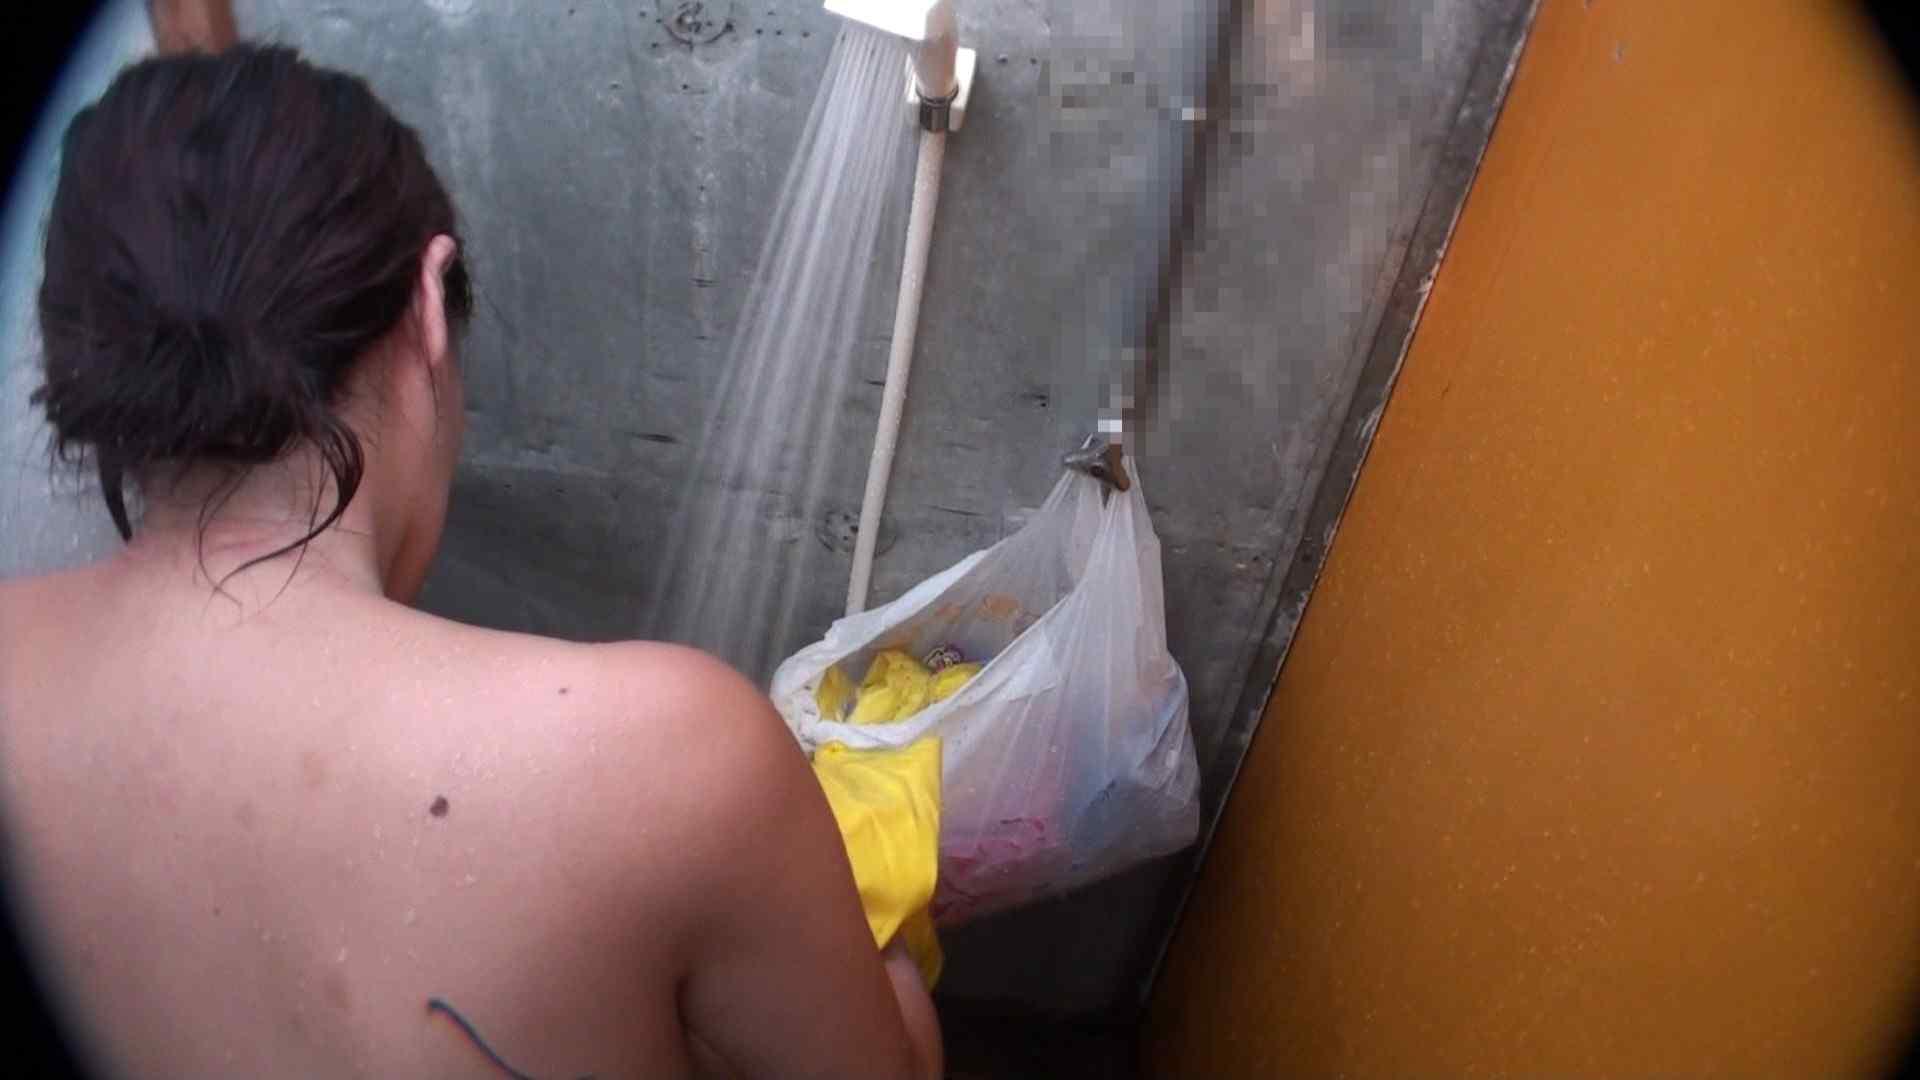 ハイビジョンVol.31 清楚なママのパンツはティーバック シャワー中 | OL  58連発 18